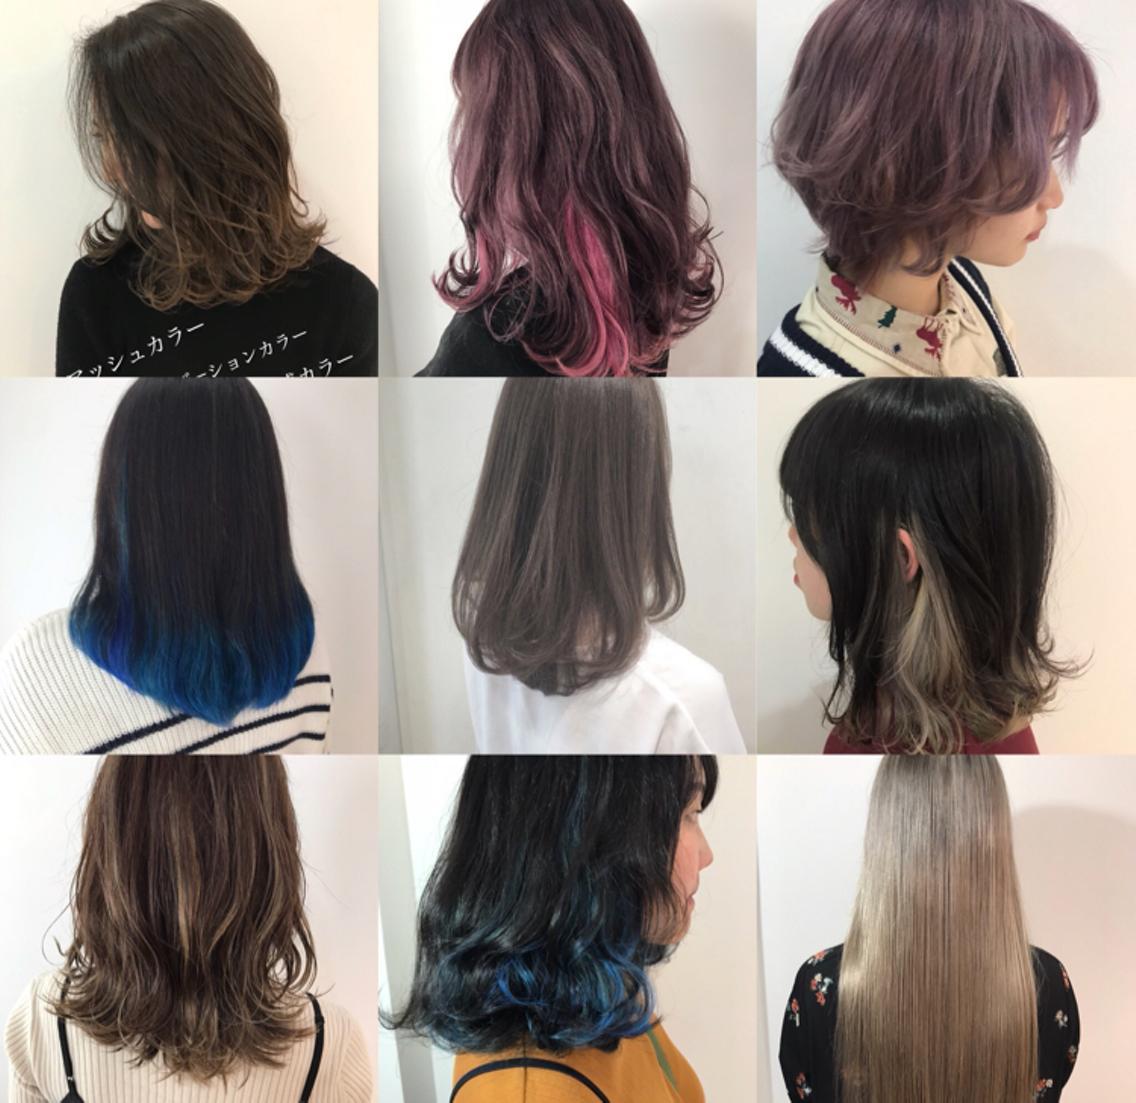 ‼️‼️‼️‼️‼️‼️当日ウェルカム‼️‼️‼️‼️‼️‼️      ✂︎ミニモ限定価格✂︎一緒に最高の髪型を考えましょう!‼️